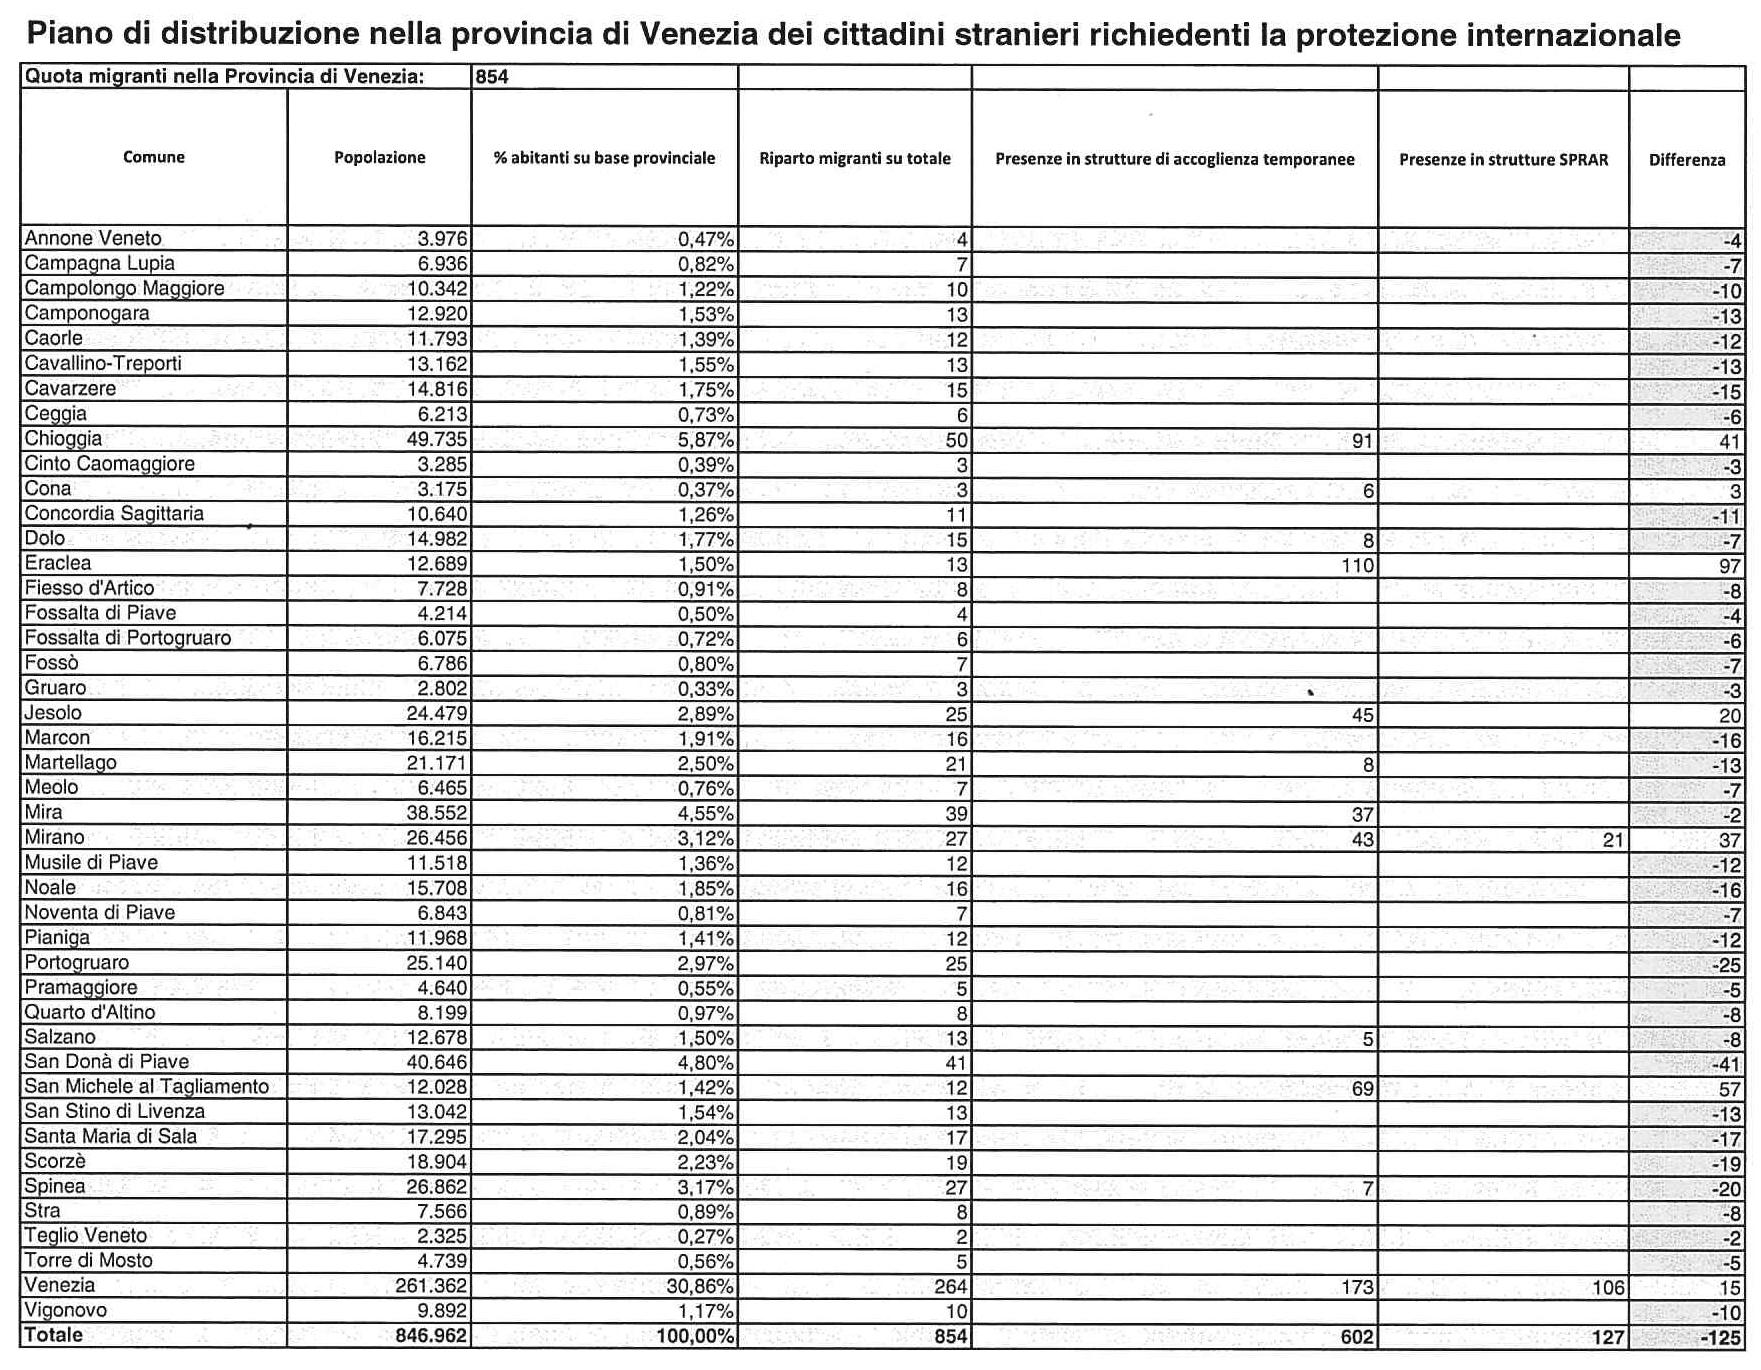 tabella distribuzione profughi provincia venezia-2